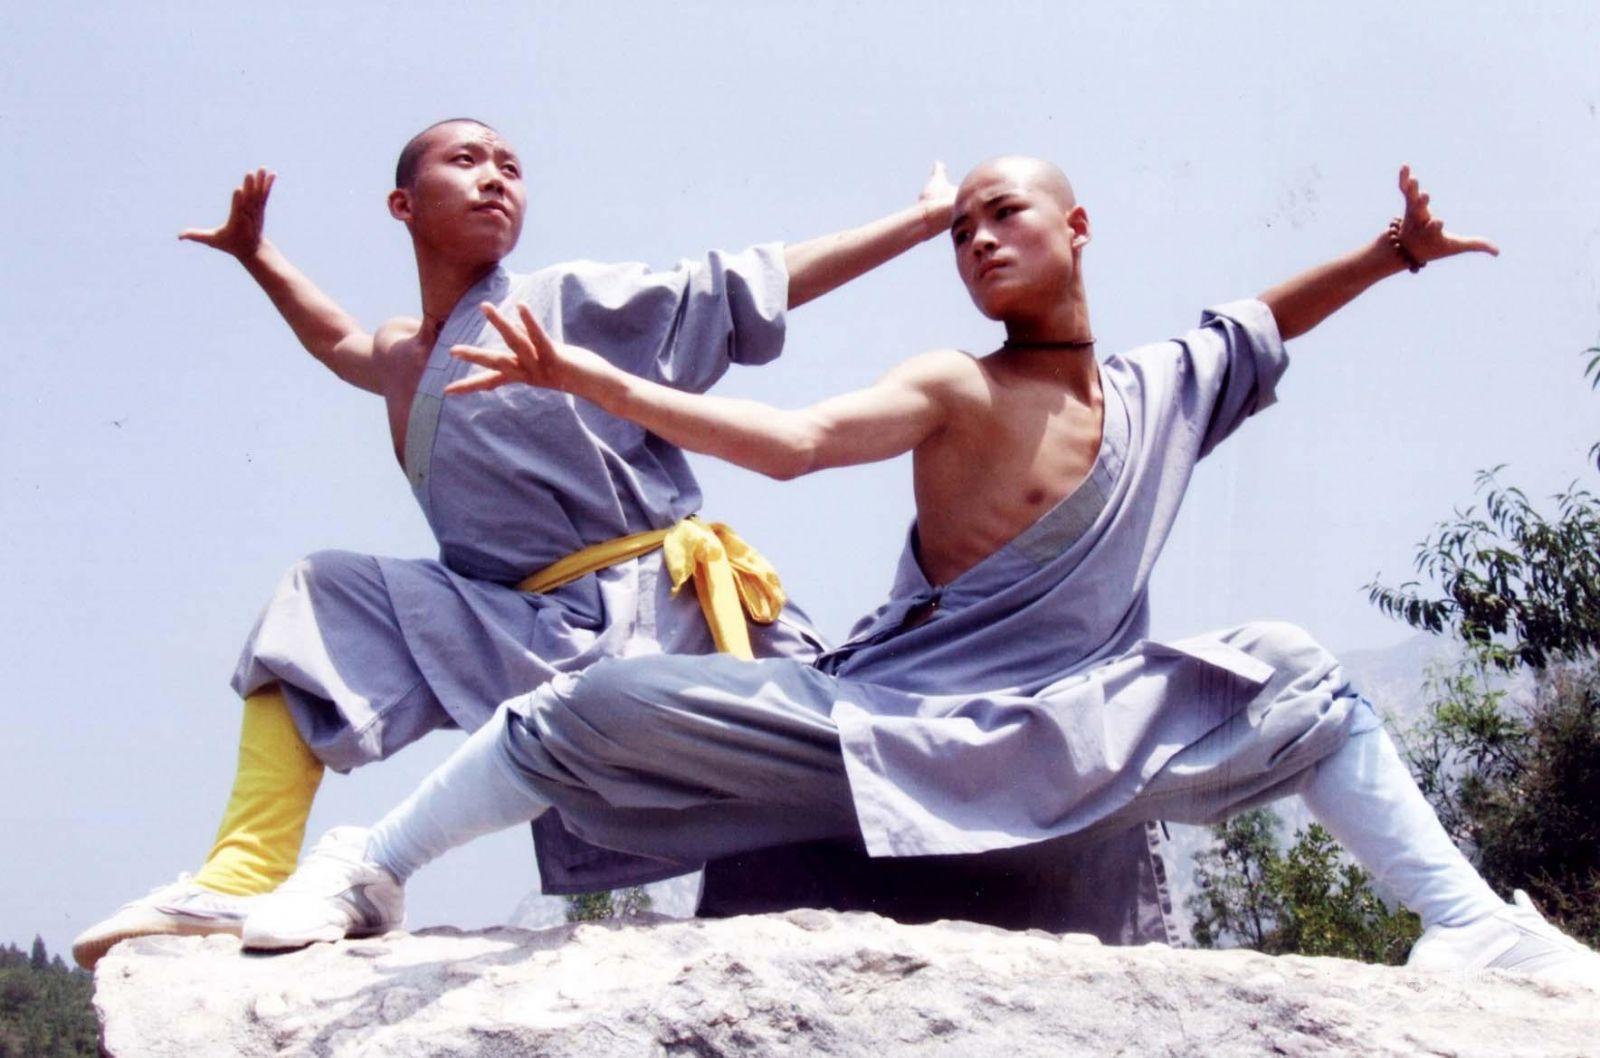 Кунг-фу - философия, история и стили китайского боевого искусства